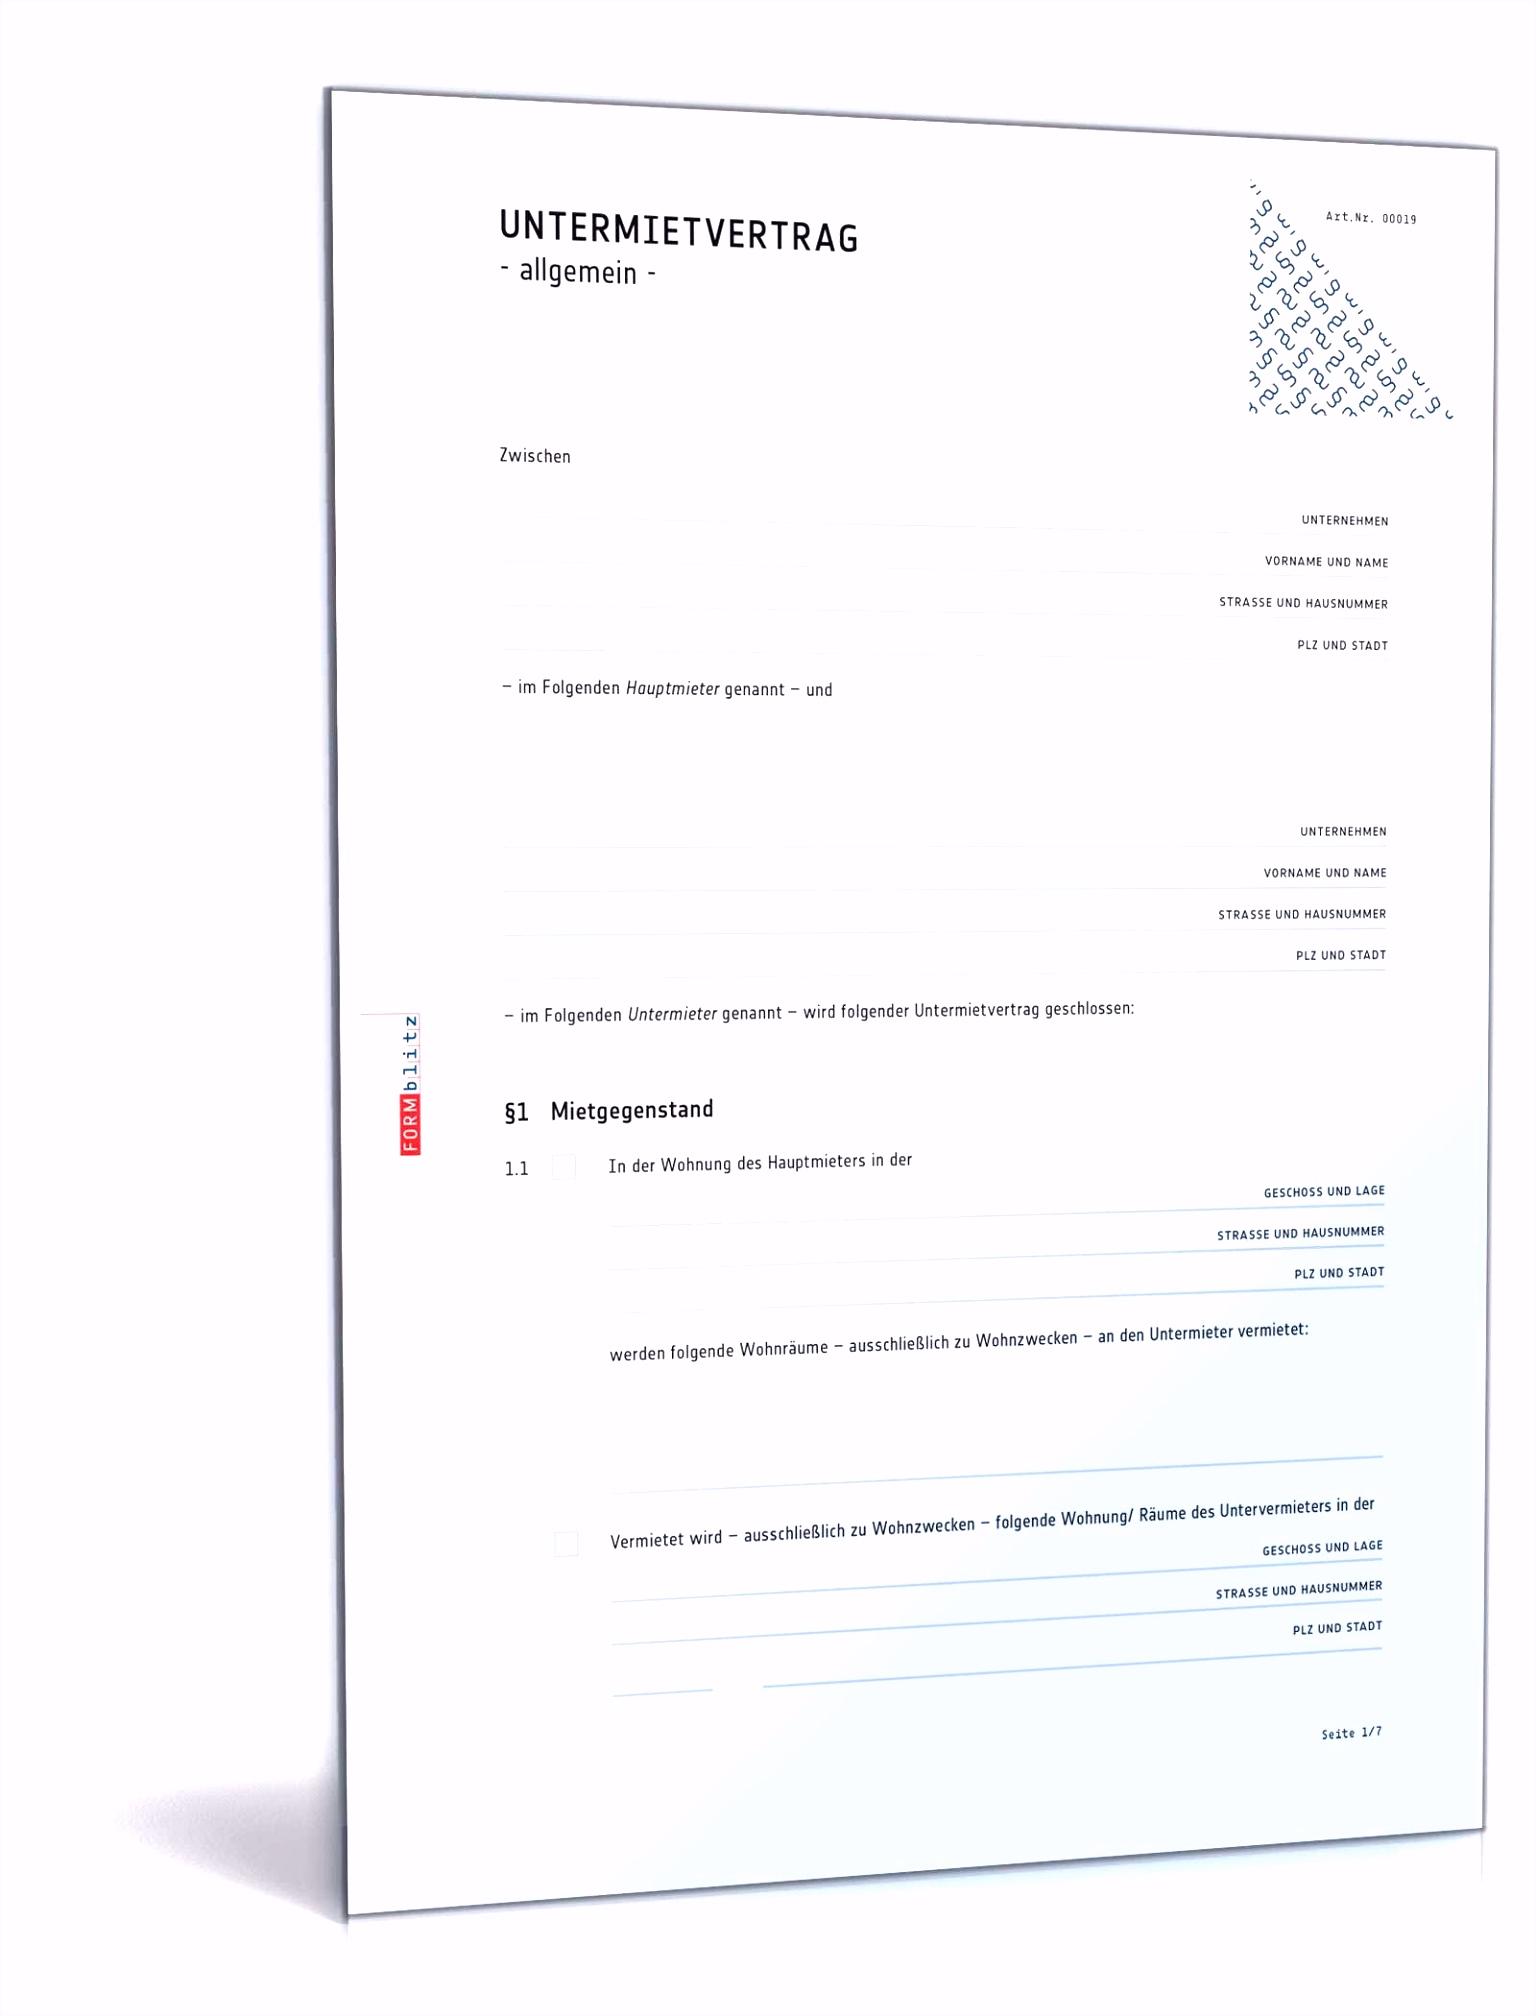 Einverstandniserklarung Vermieter Vorlage Die Erstaunliche Mietvertrag Vorlage I4yk74rsf3 B5qamvsxc6